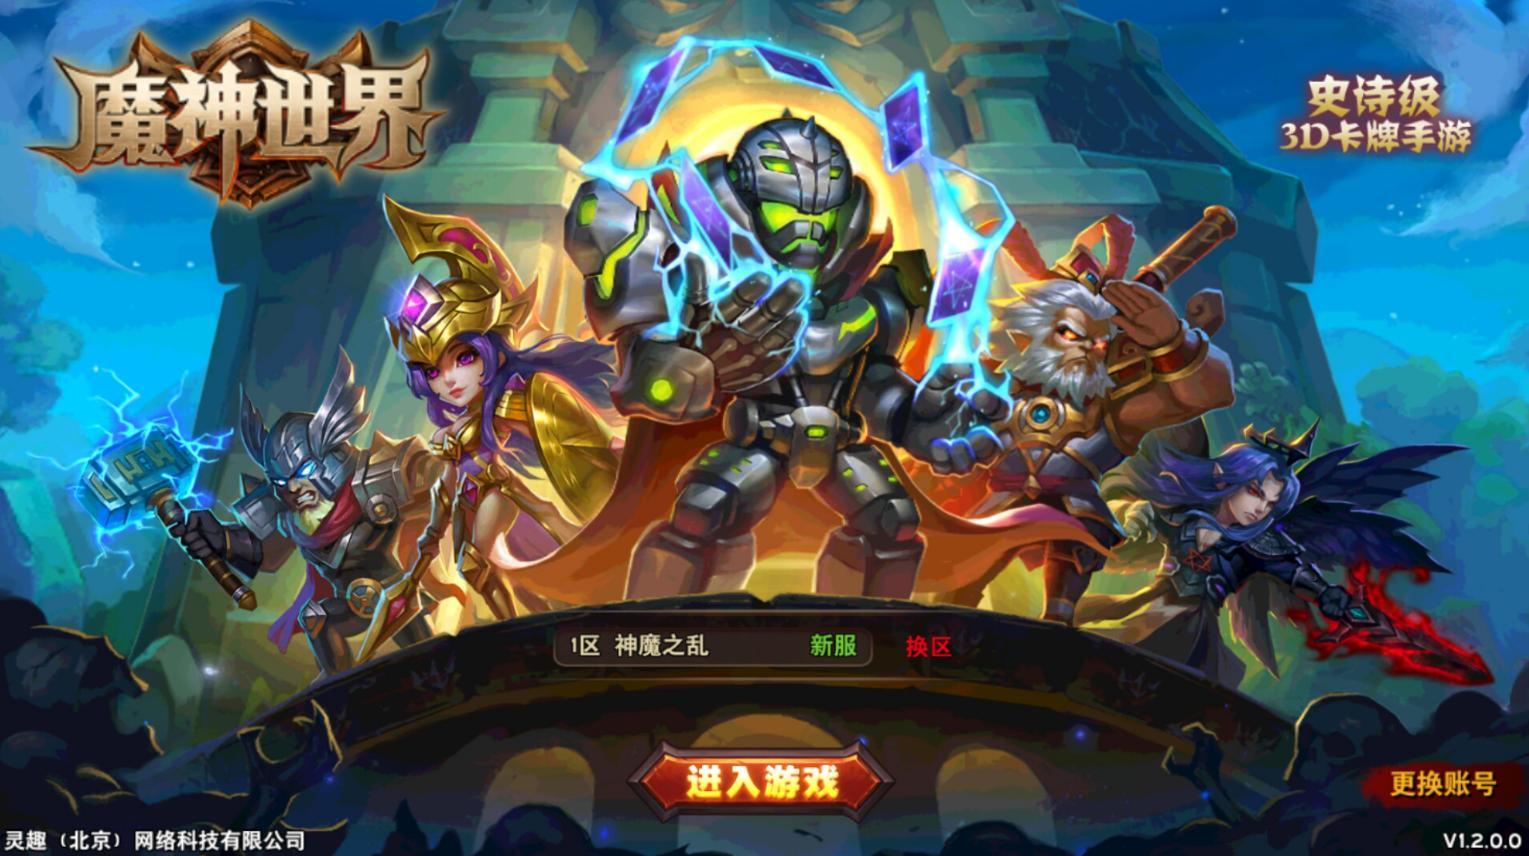 奇幻森林中文下载,奇幻森林中文手机游戏